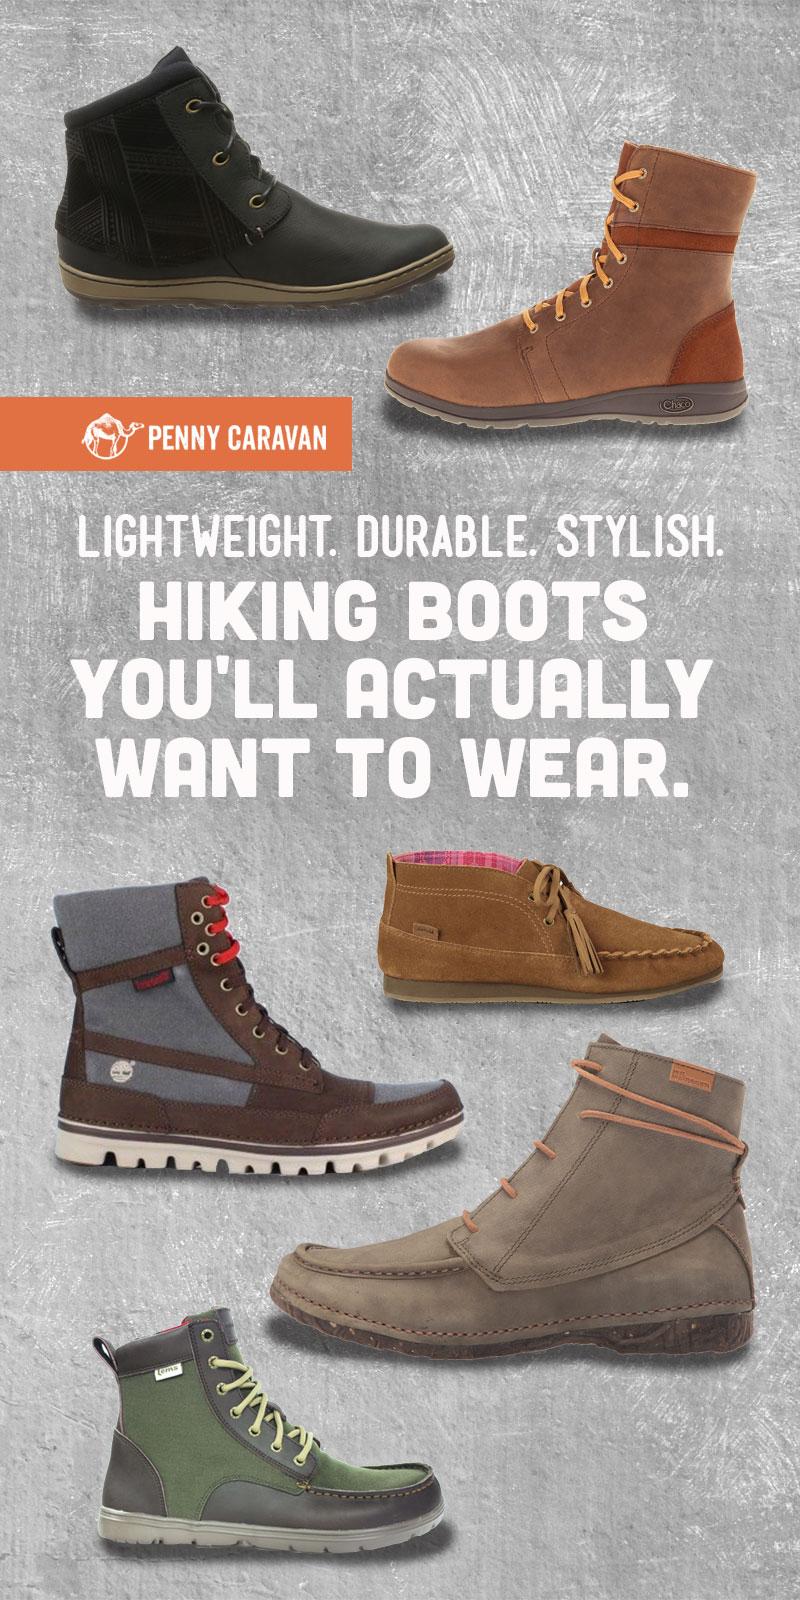 Women's Hiking Boots | Penny Caravan